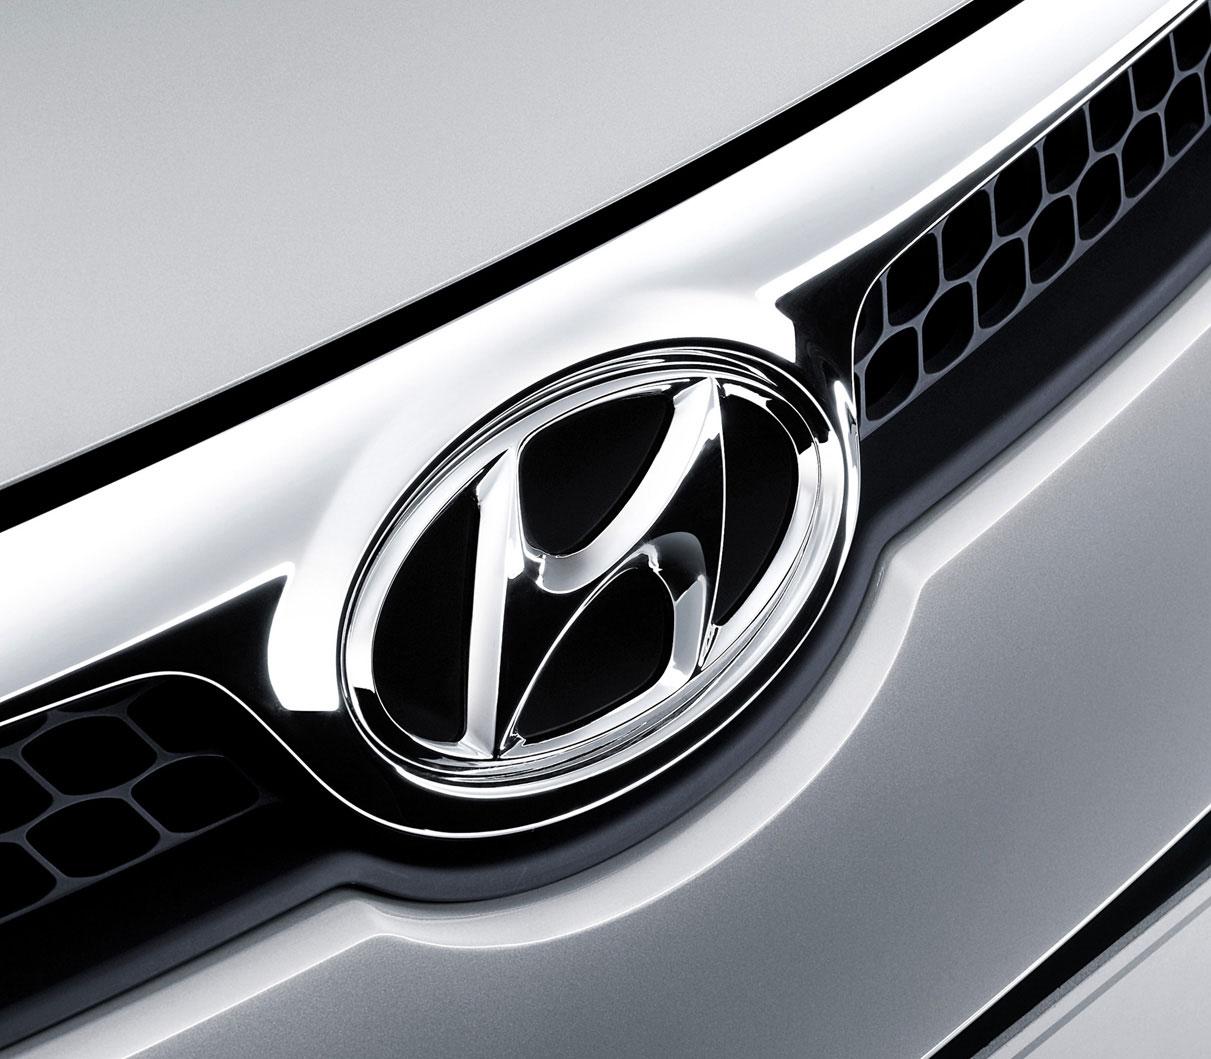 Novo Hyundai 2012 IX35 – Fotos, Características, Preço